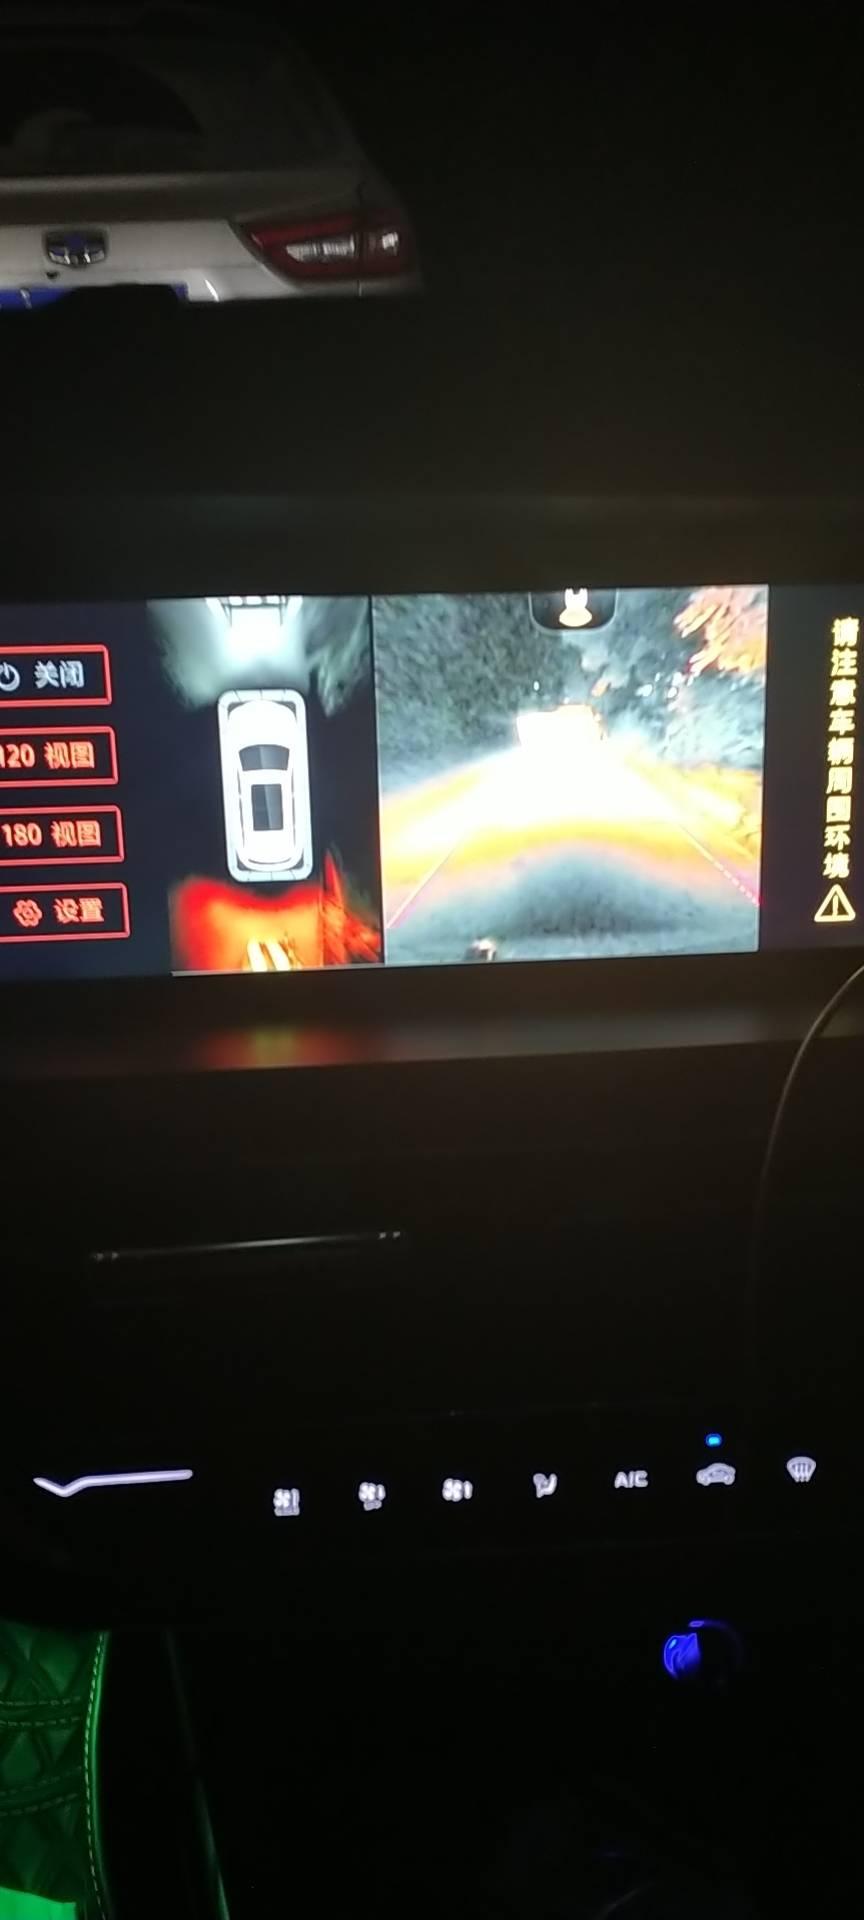 长安-CS75 PLUS 360全景影像模糊不清,车机卡顿